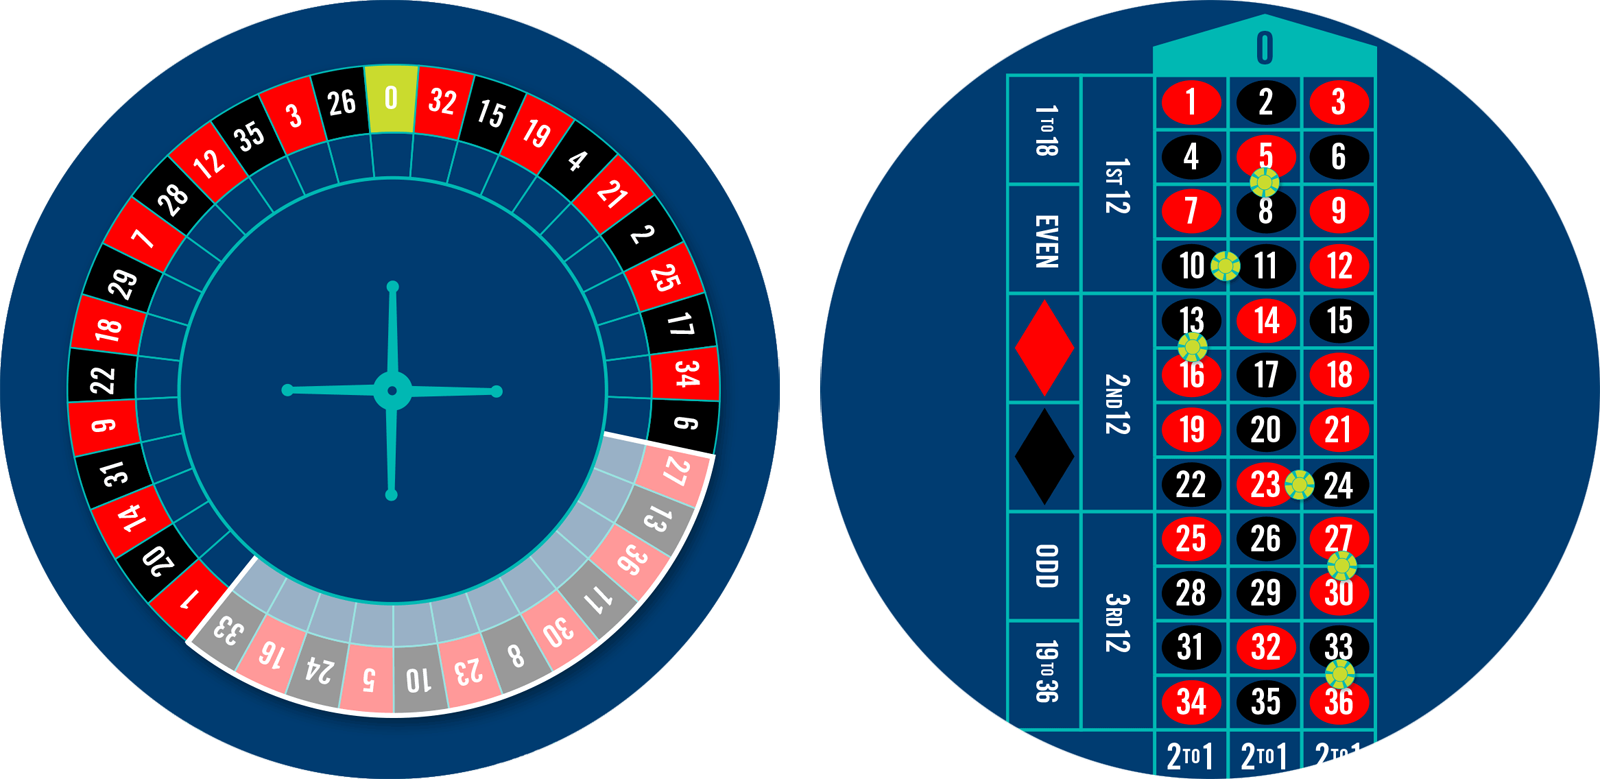 特別顯示三分一注區的輪盤,以及三分一注區放着六個籌碼的輪盤賭桌。